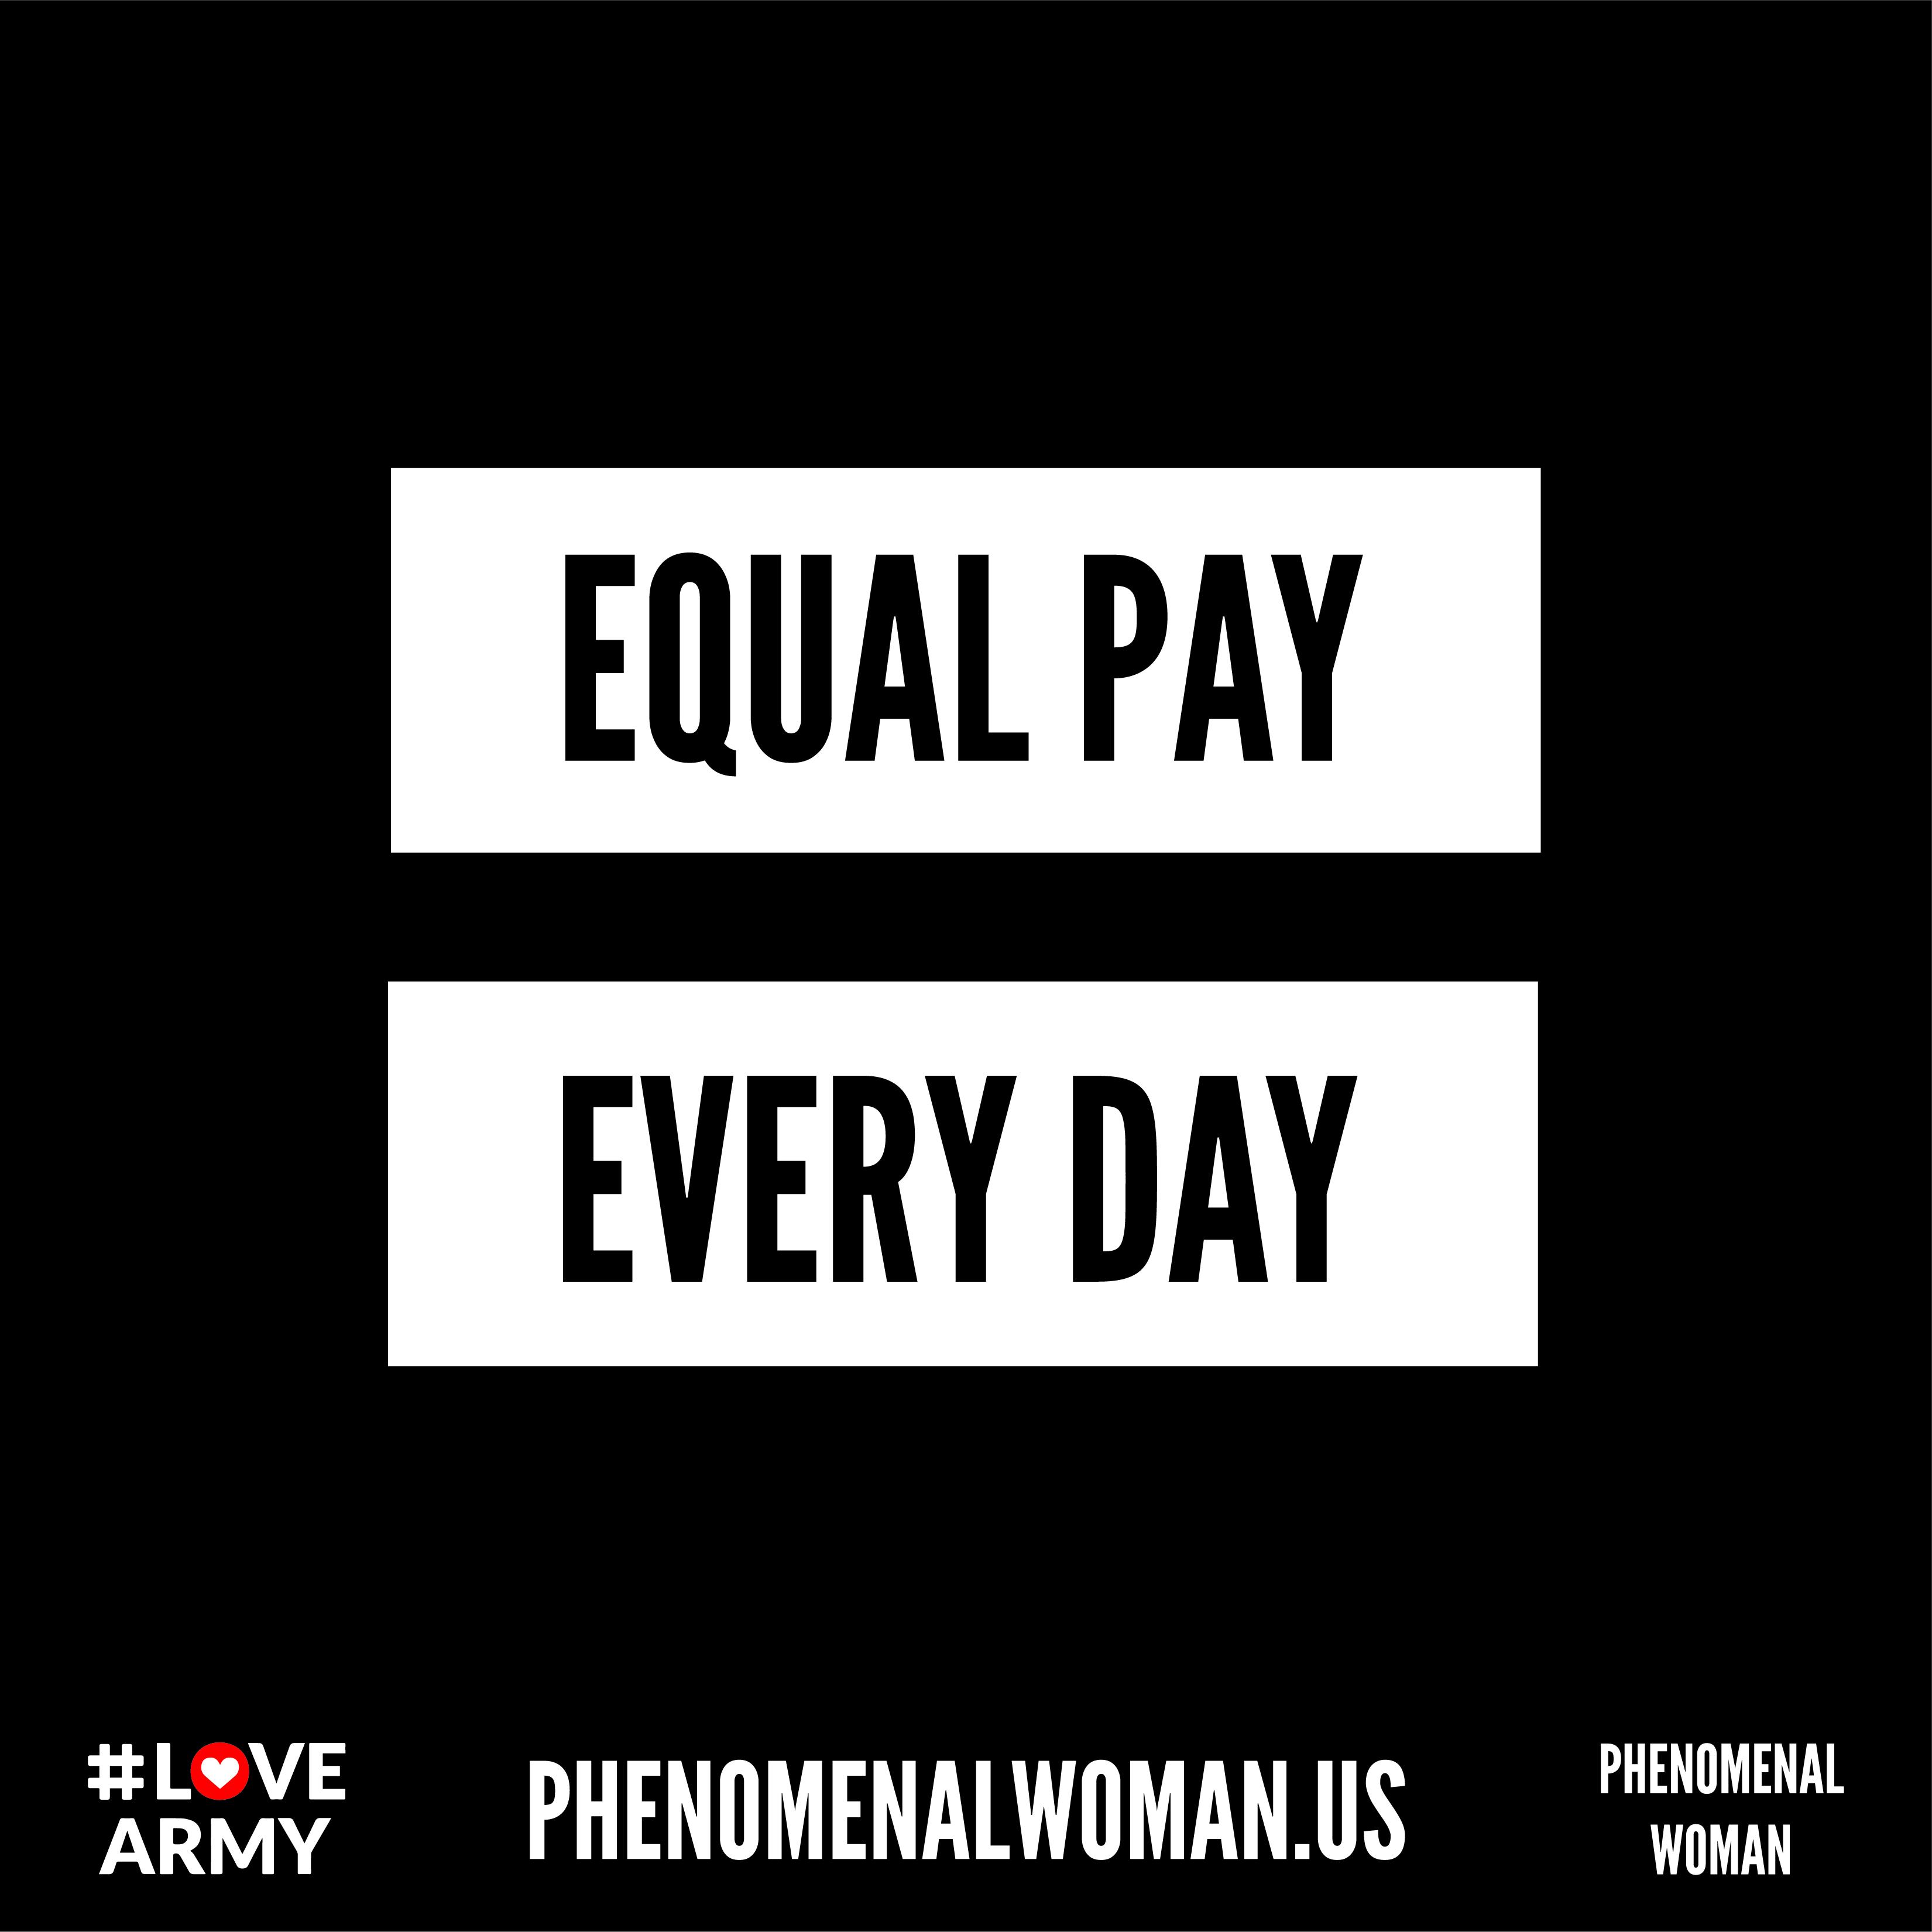 equalpayday_equalpayeverydayBlack.jpg